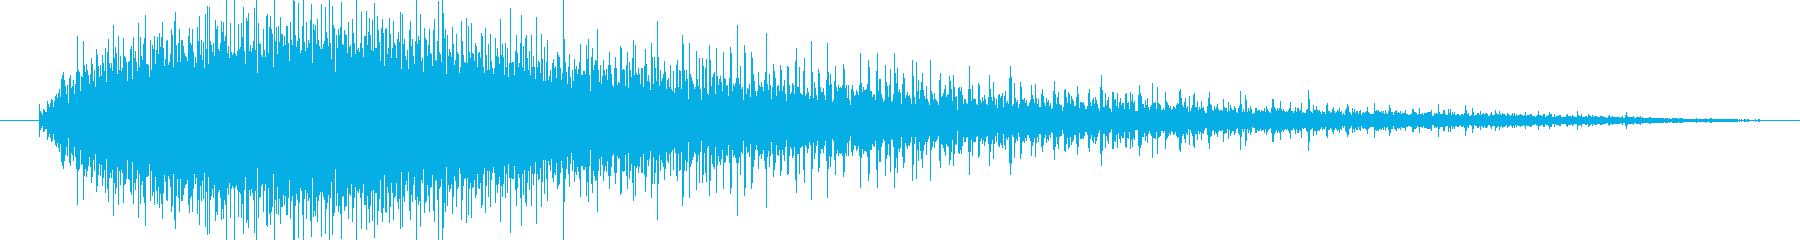 機械 ジグソーエンジン高速中長05の再生済みの波形